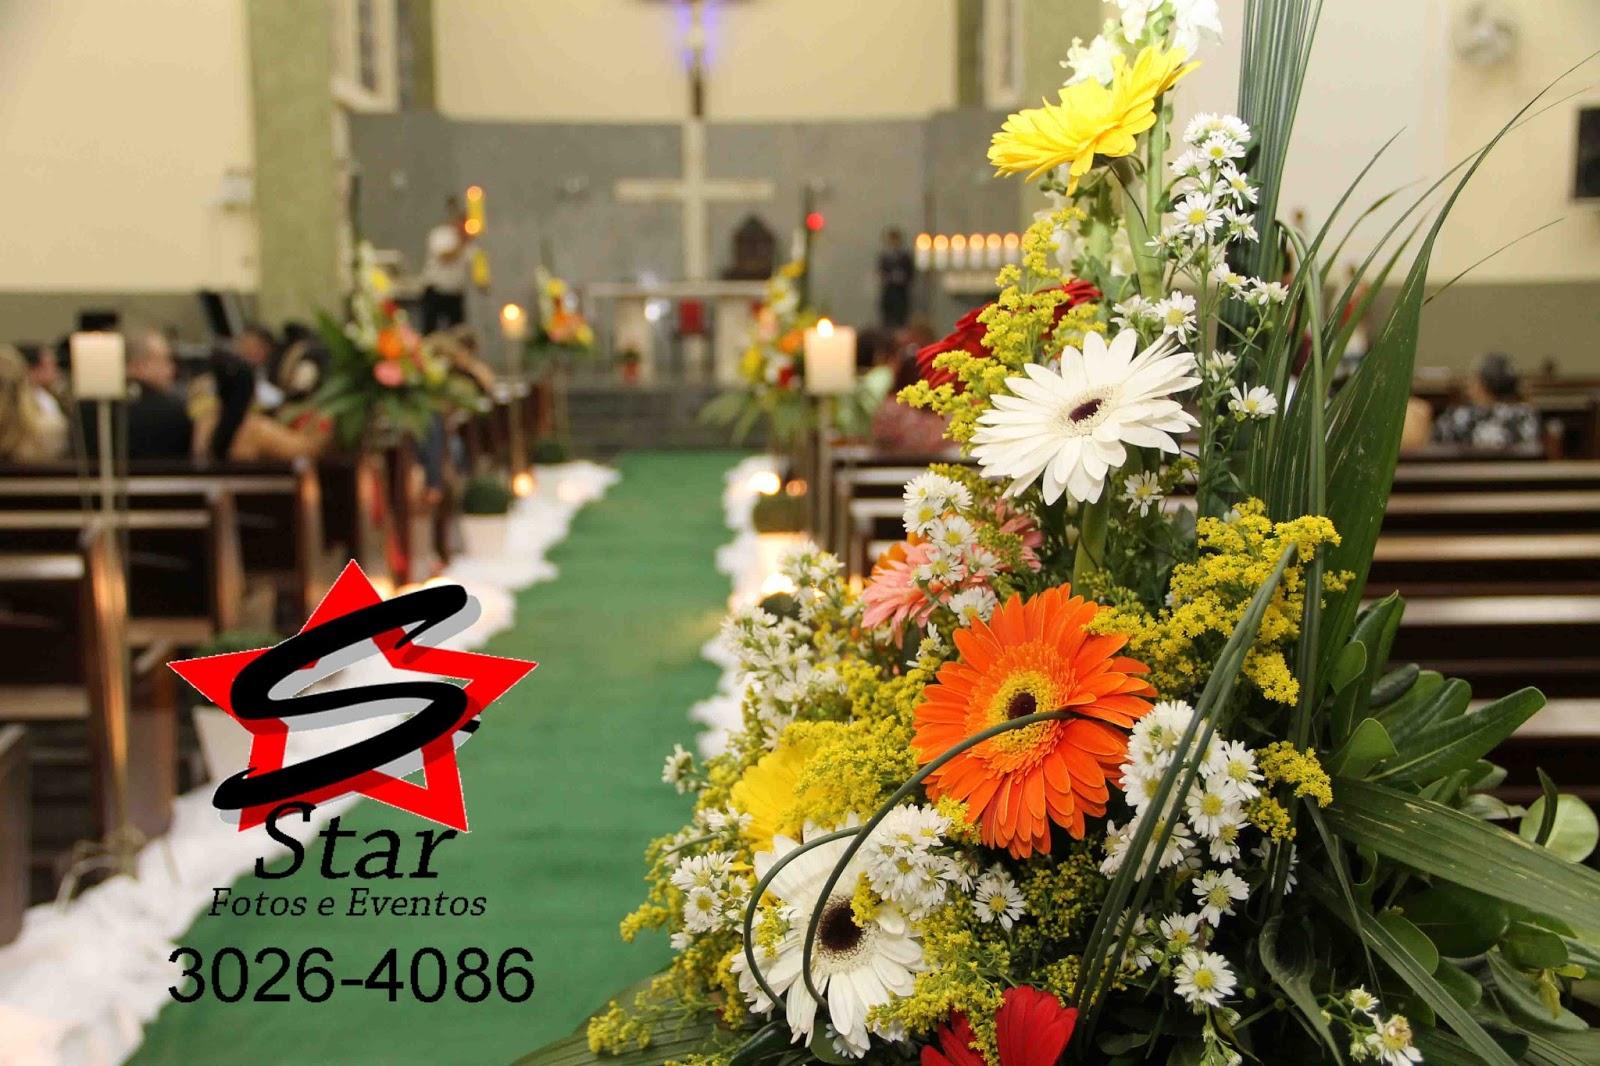 de salão de festas,decoração de igrejas,decorações em Joinville